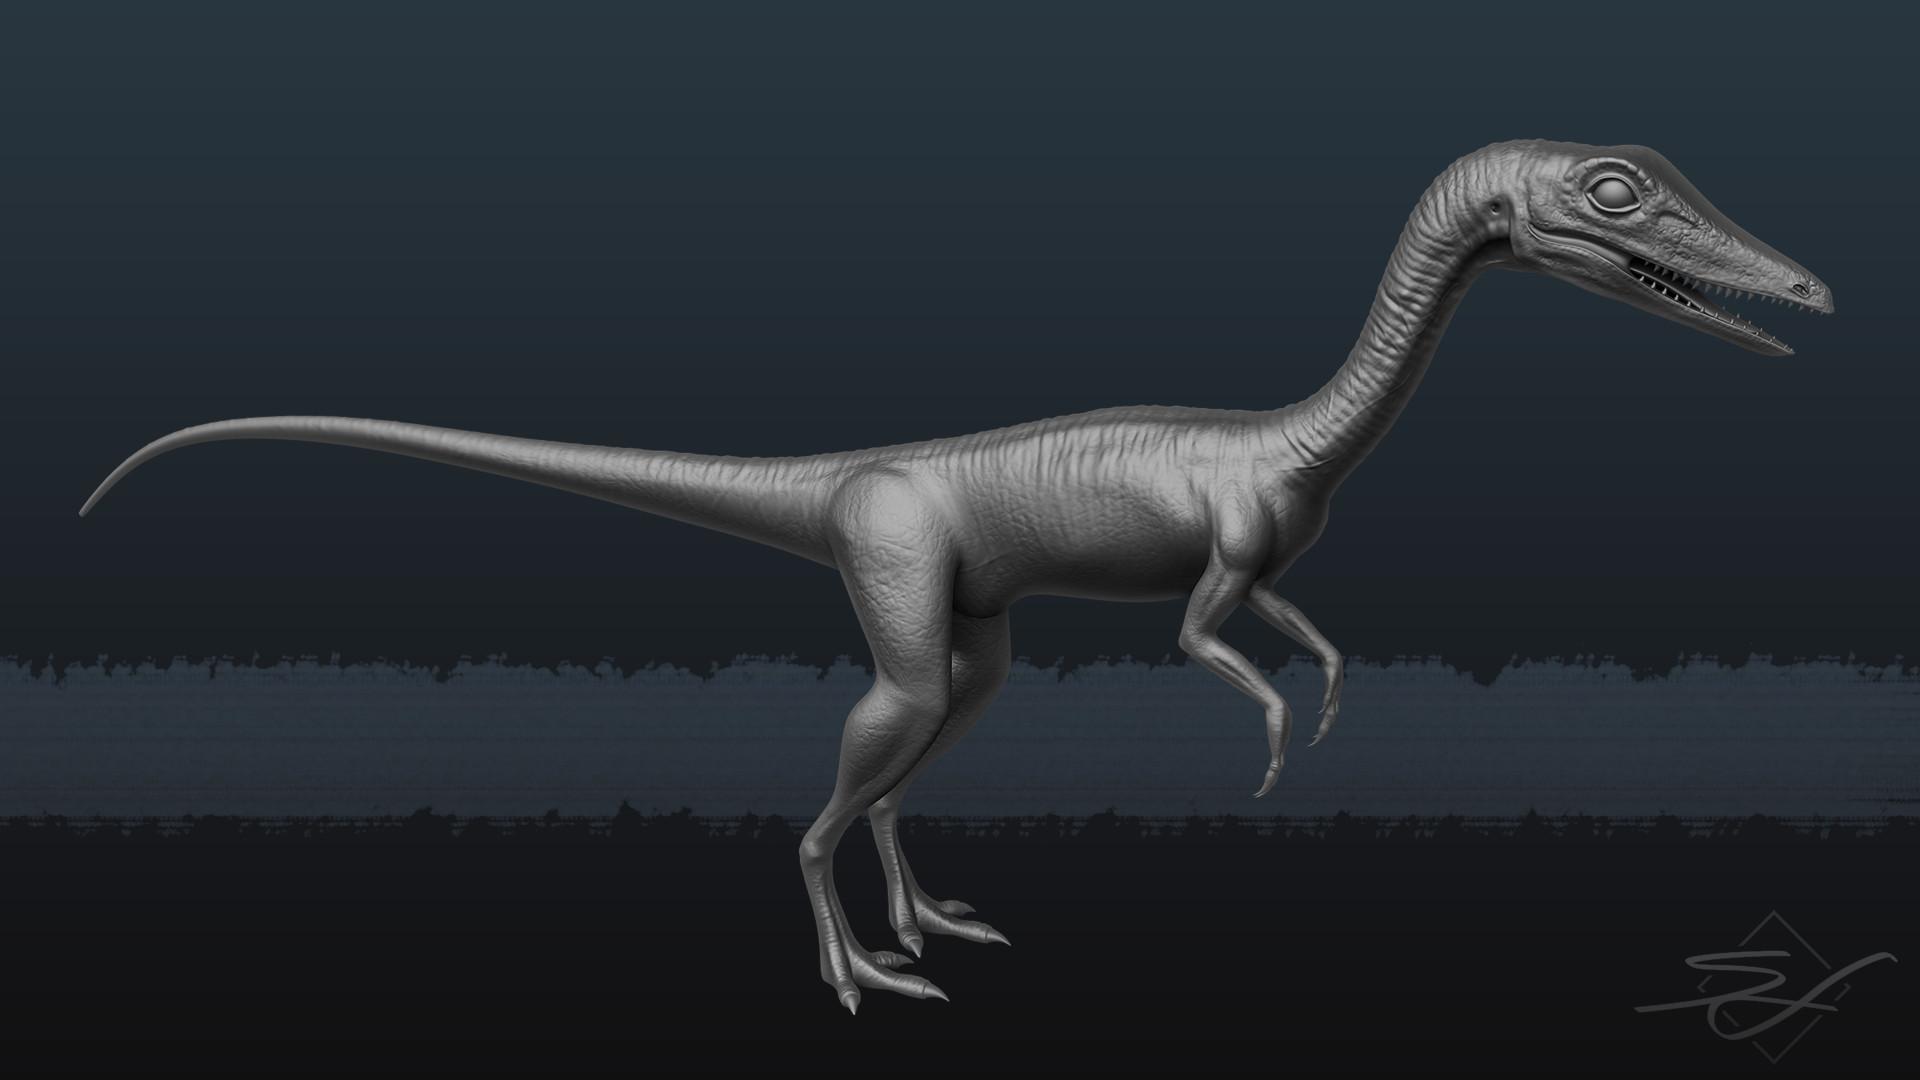 Sebastian irmer compsognathus render 01